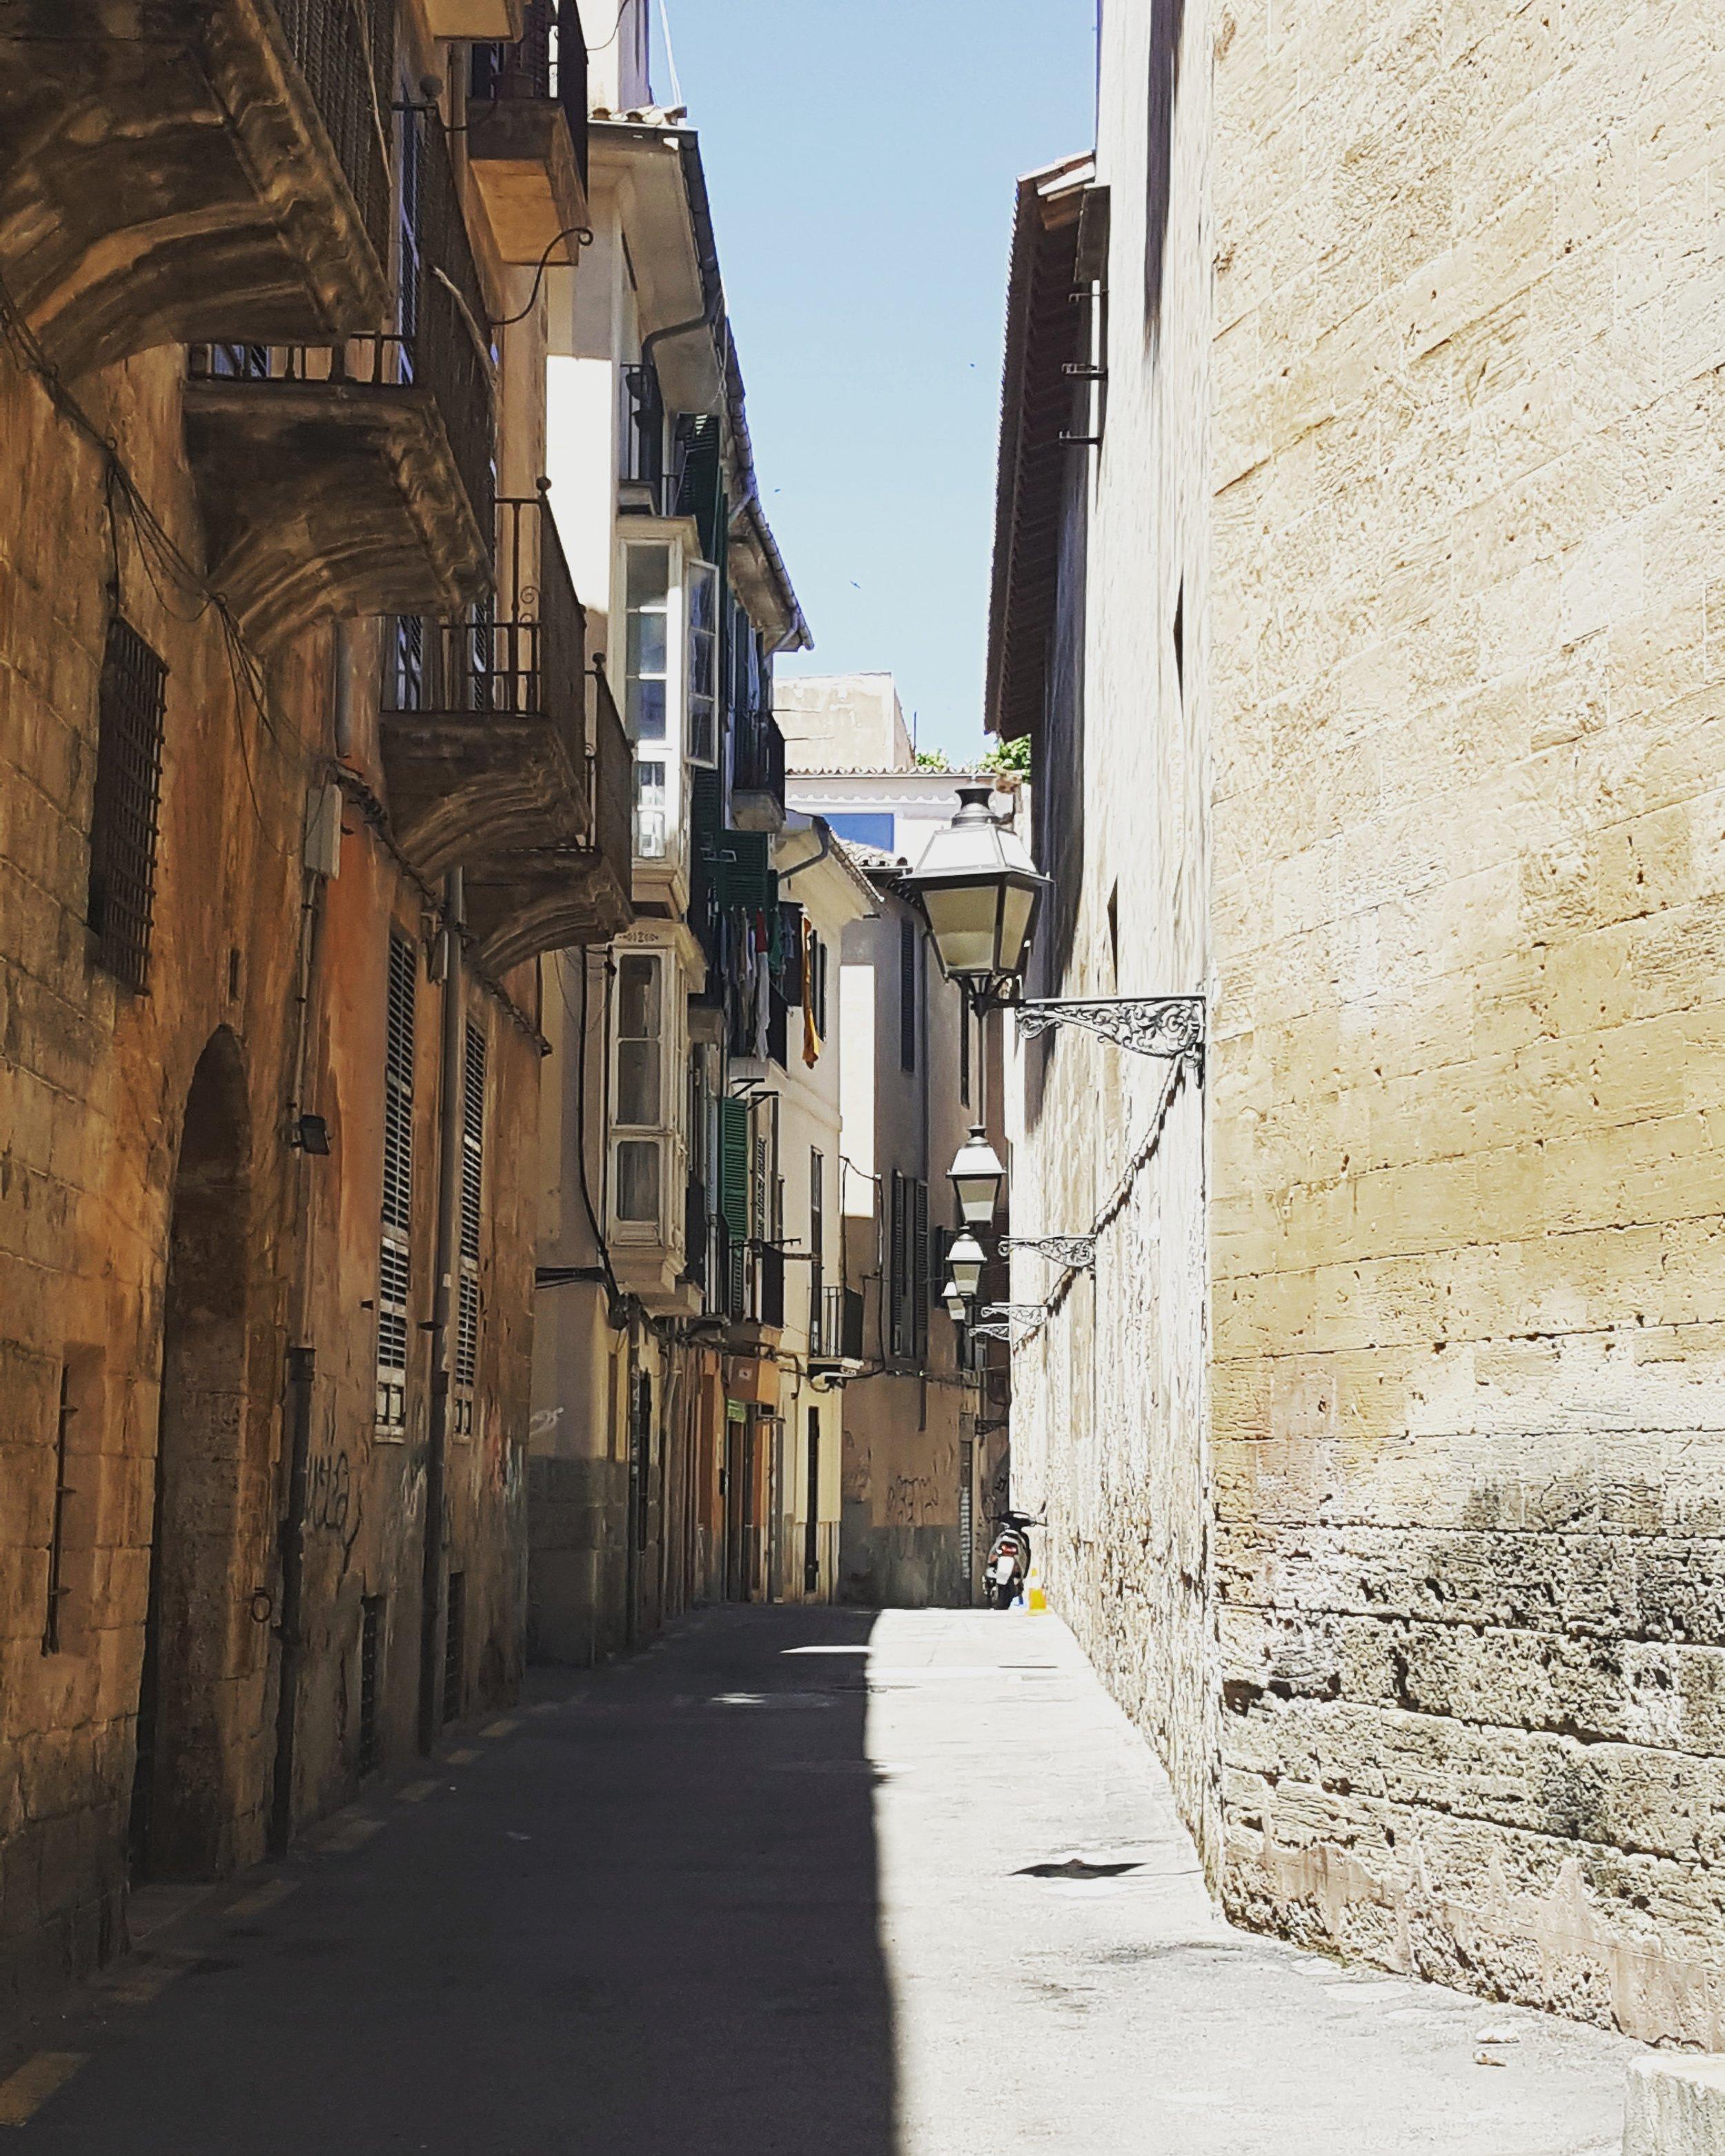 Palma's beautiful Old Town